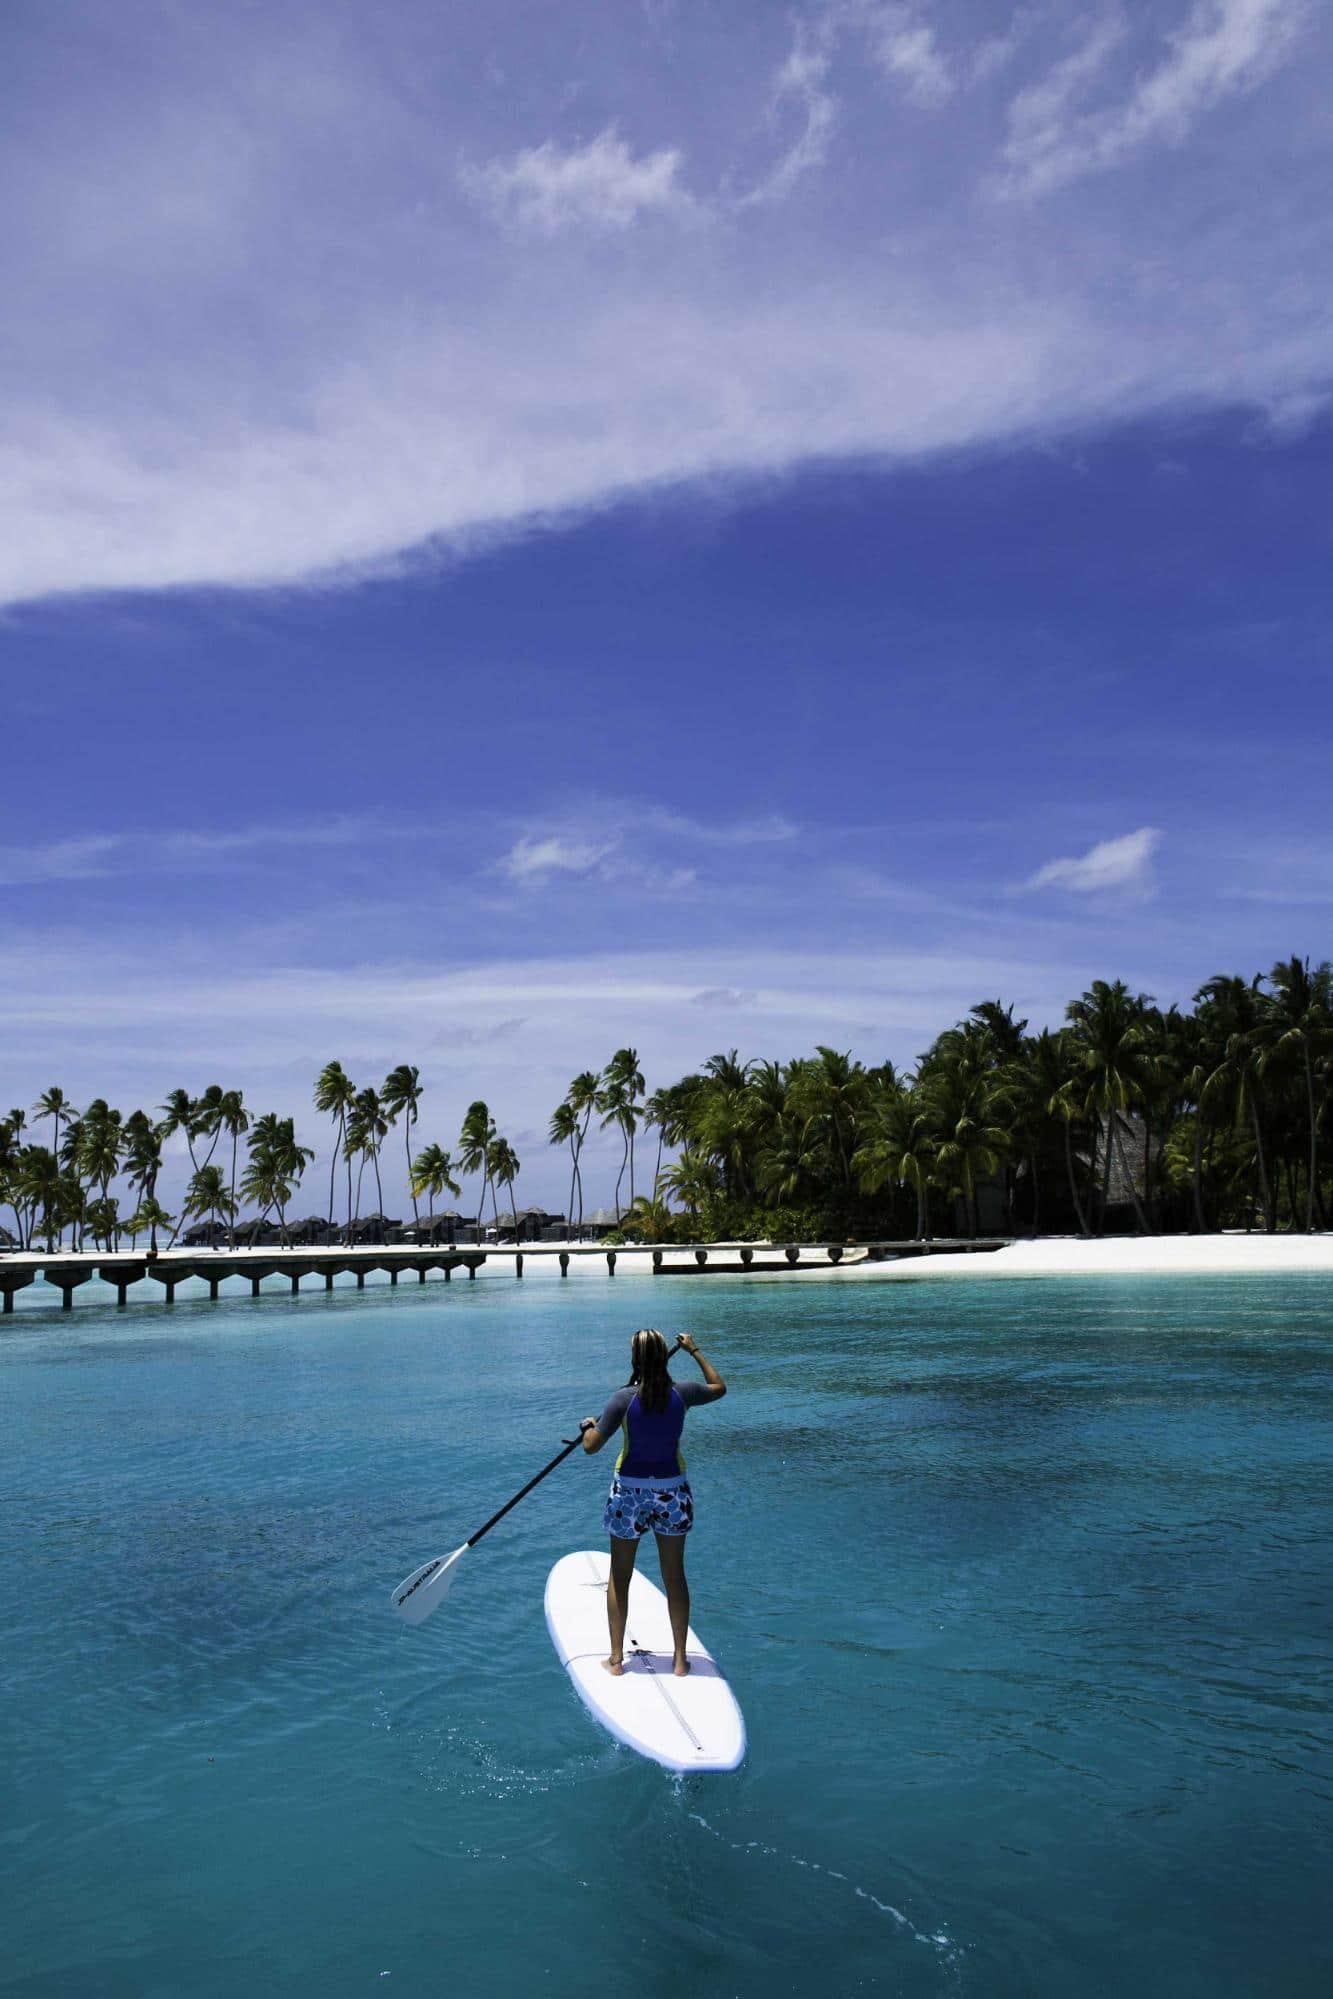 Stand-up paddle board at Gili Lankanfushi - Courtesy of Gili Lankanfushi